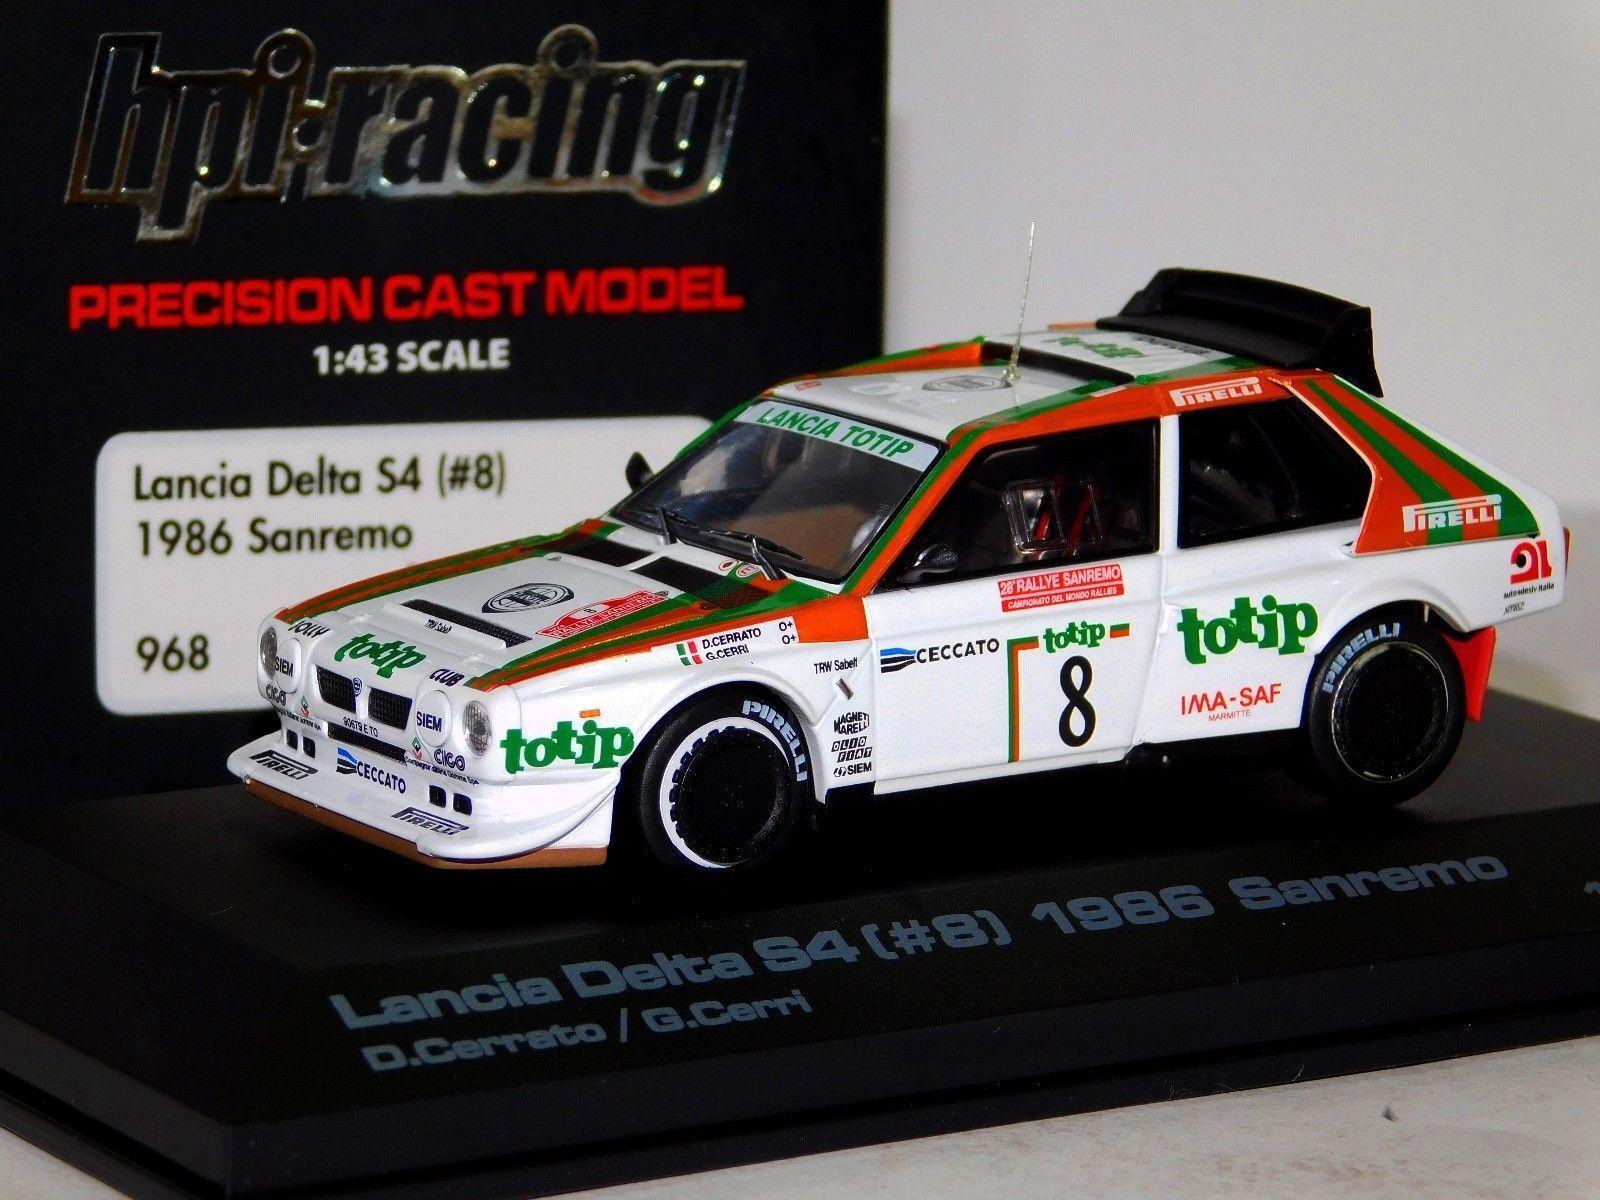 LANCIA Delta S4  8 Cerrato Cerri Sanremo 1986 Hpi 968 1 43